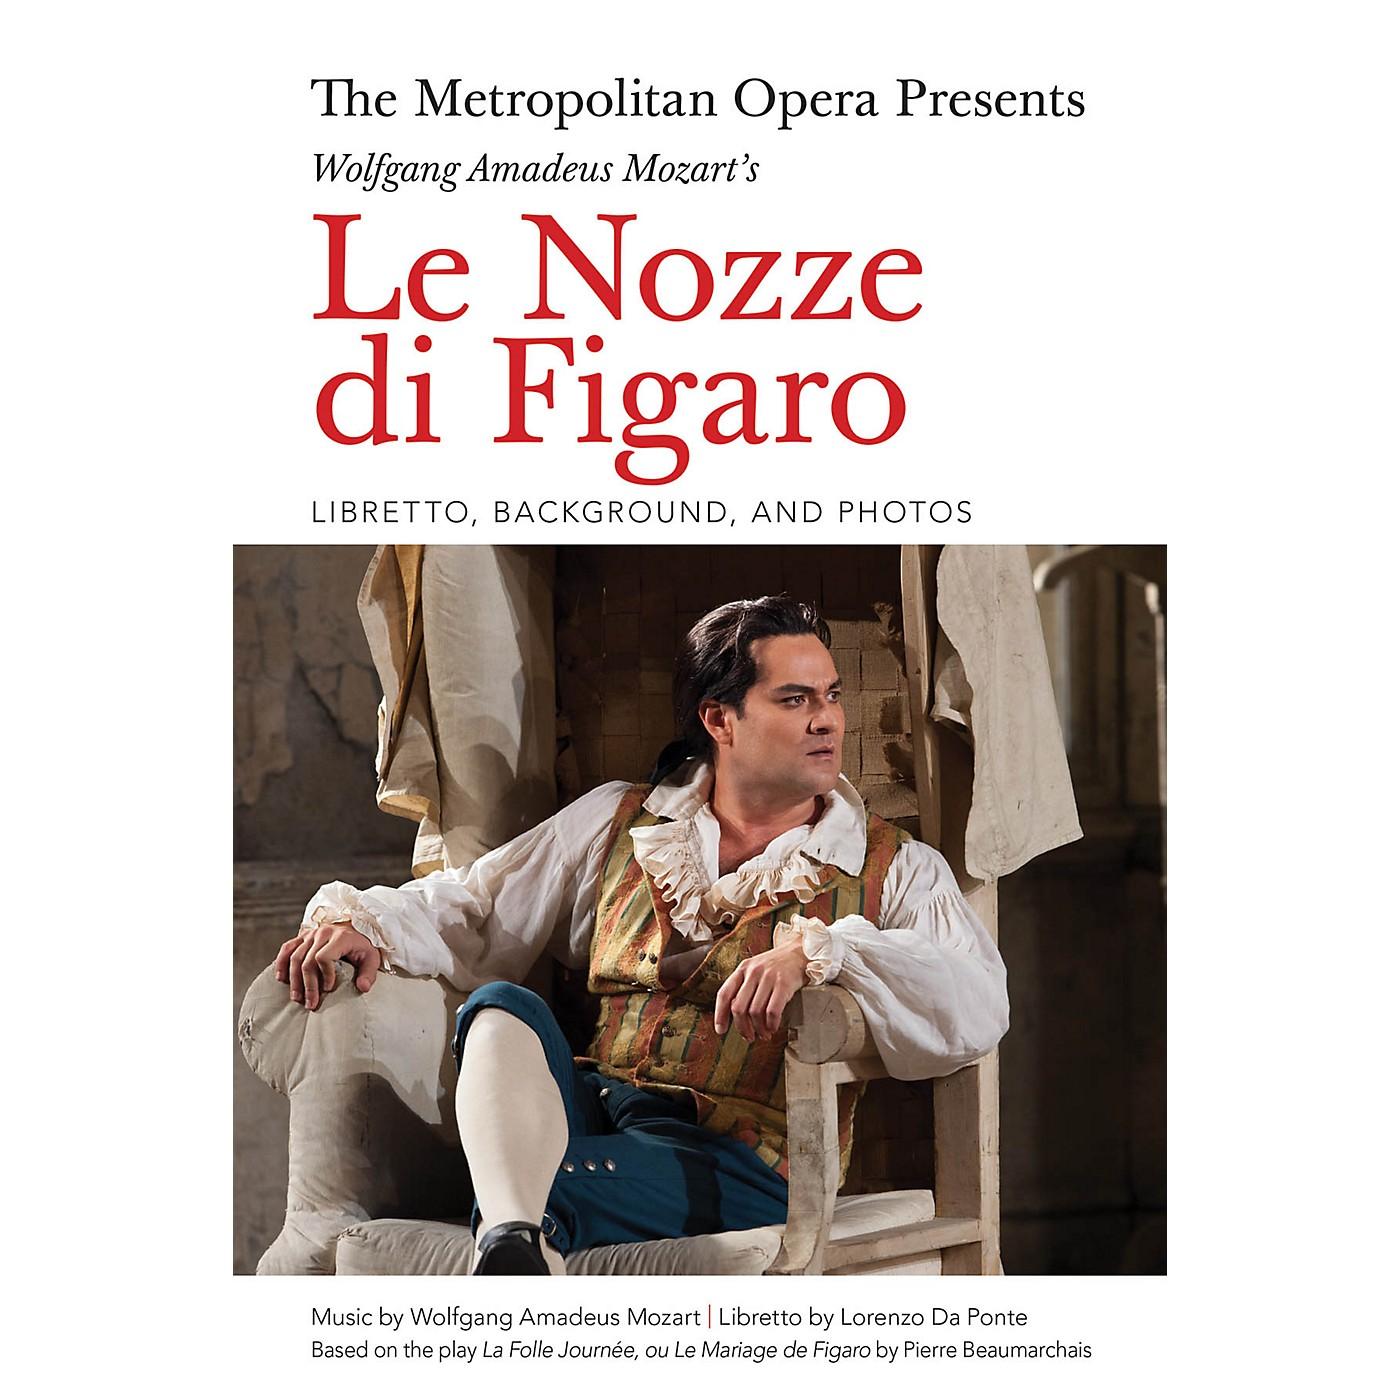 Amadeus Press The Metropolitan Opera Presents: Wolfgang Amadeus Mozart's Le Nozze di Figaro Amadeus Softcover by Lorenzo Da Ponte thumbnail